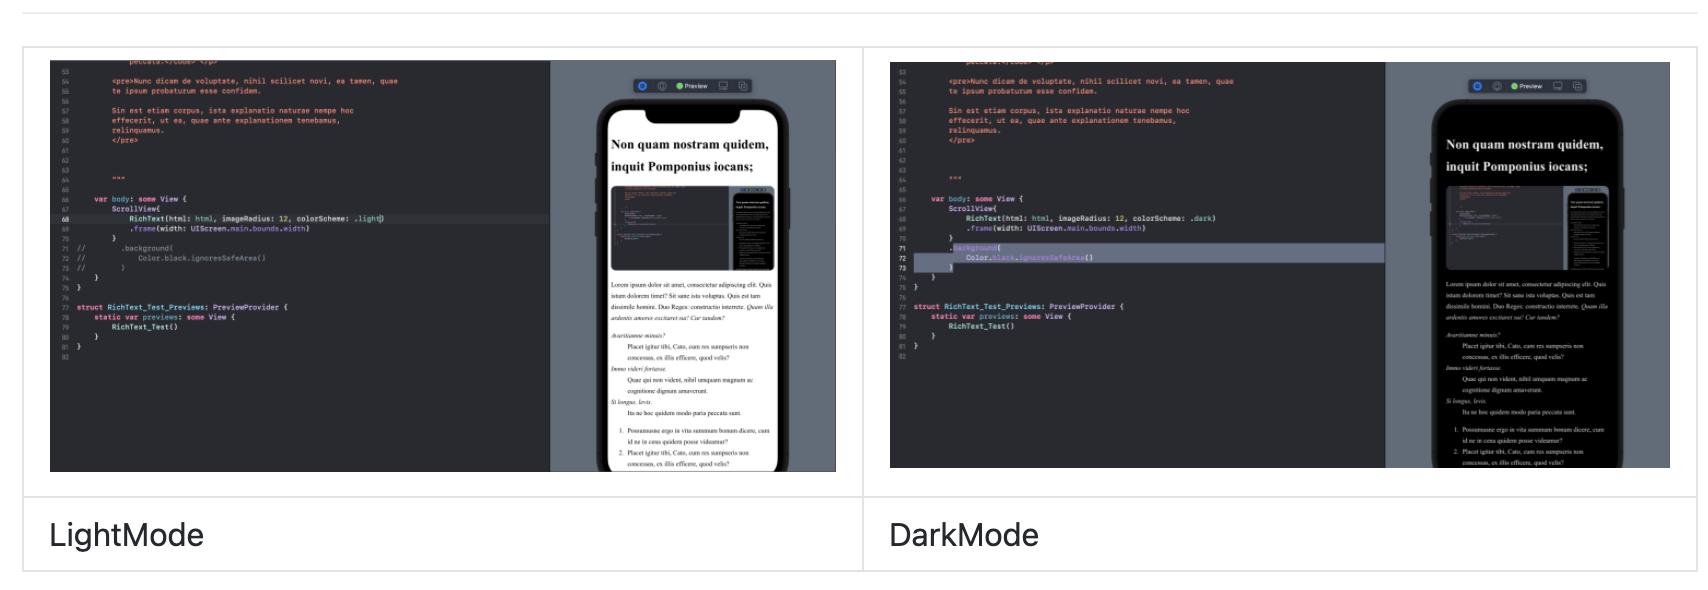 SwiftUI 富文本组件之支持显示HTML各类标签RichText